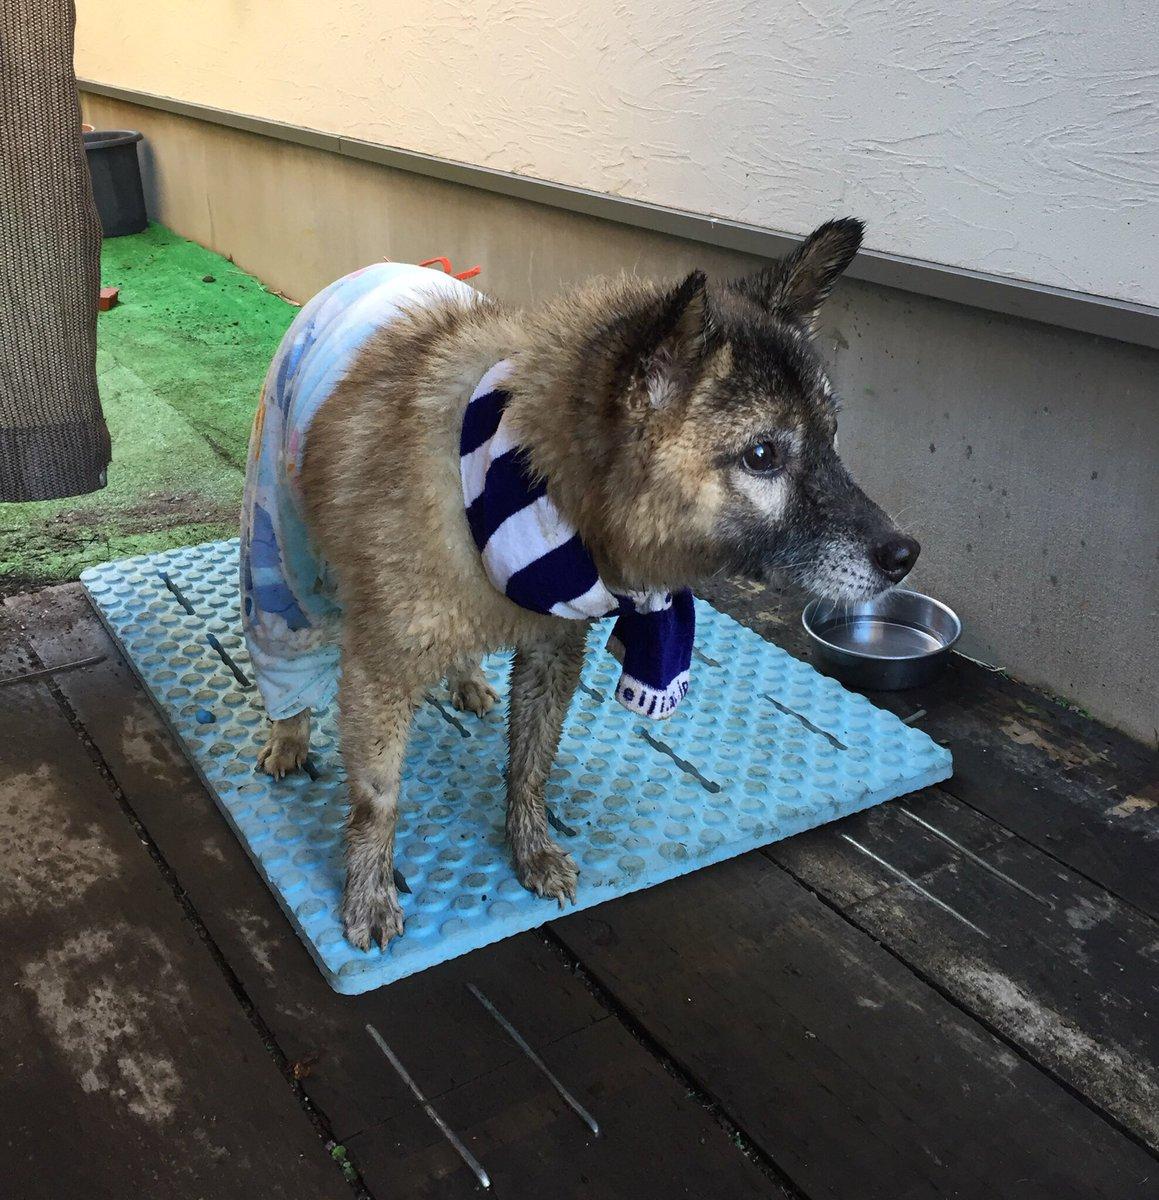 【朗報】 今、警察から連絡があり、この犬ちゃんの飼い主さんが見つかったそうです。良かった良かった! https://t.co/n0Ct1PS7NZ